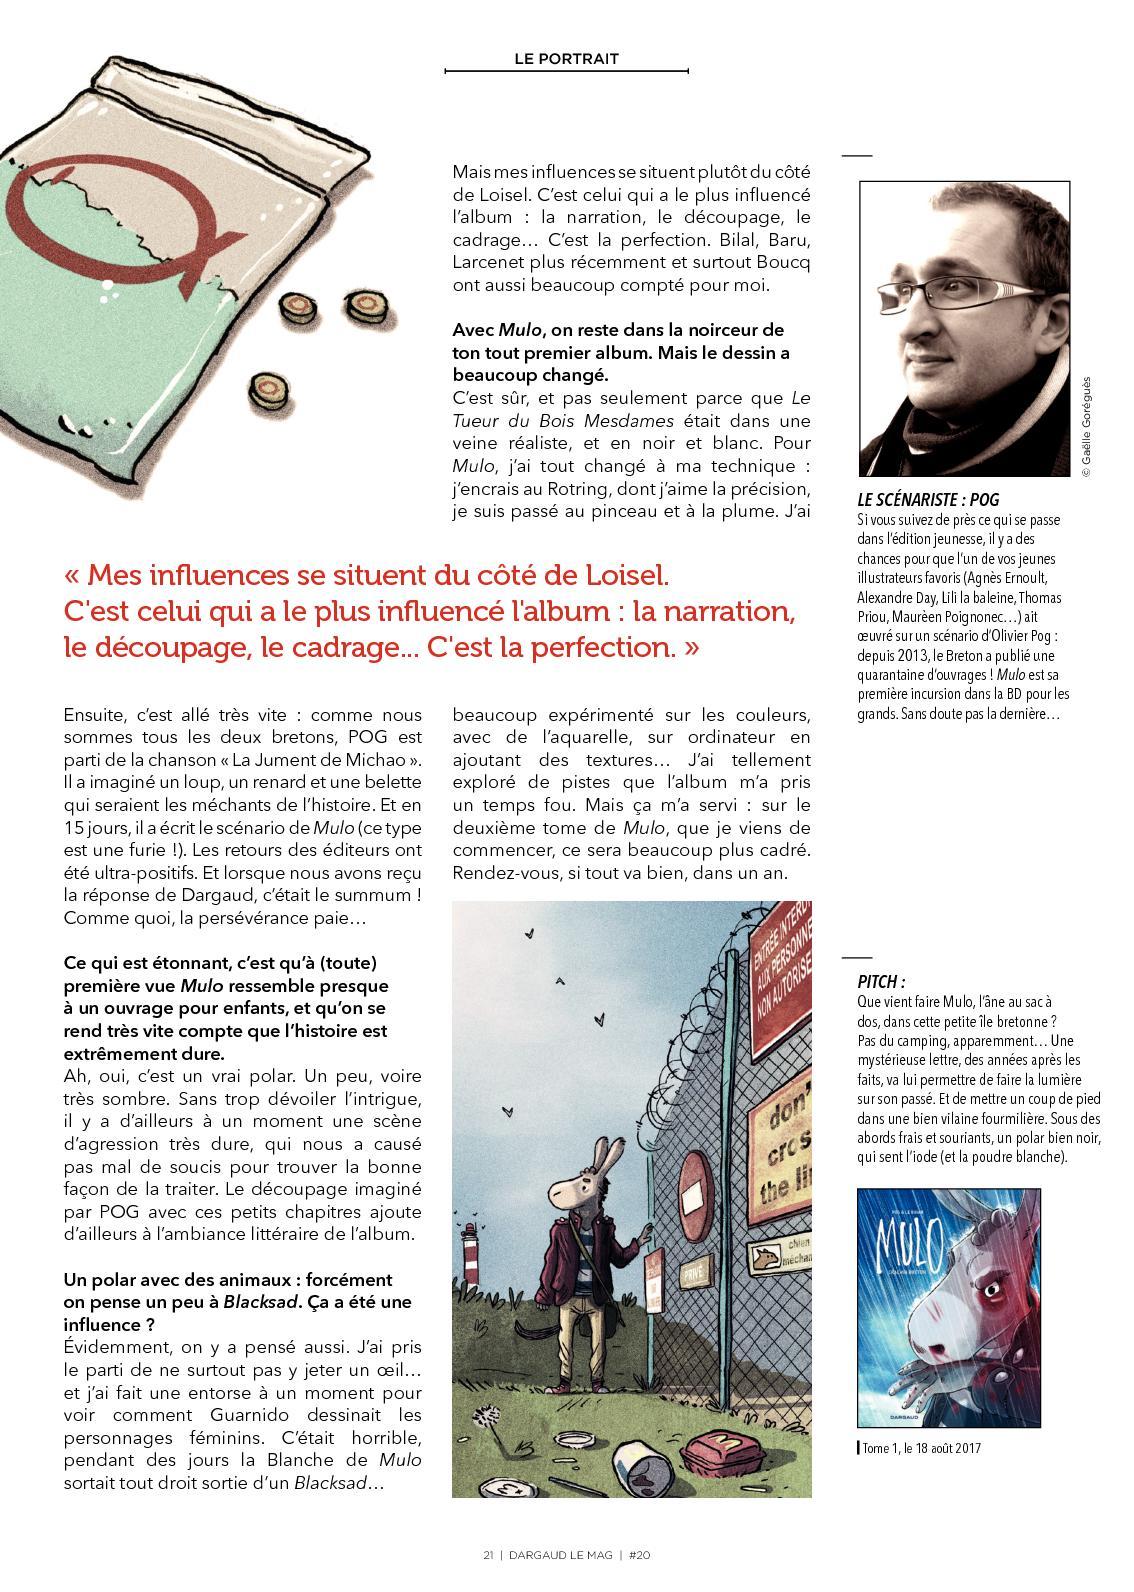 Dargaud Le Mag #20 - CALAMEO Downloader